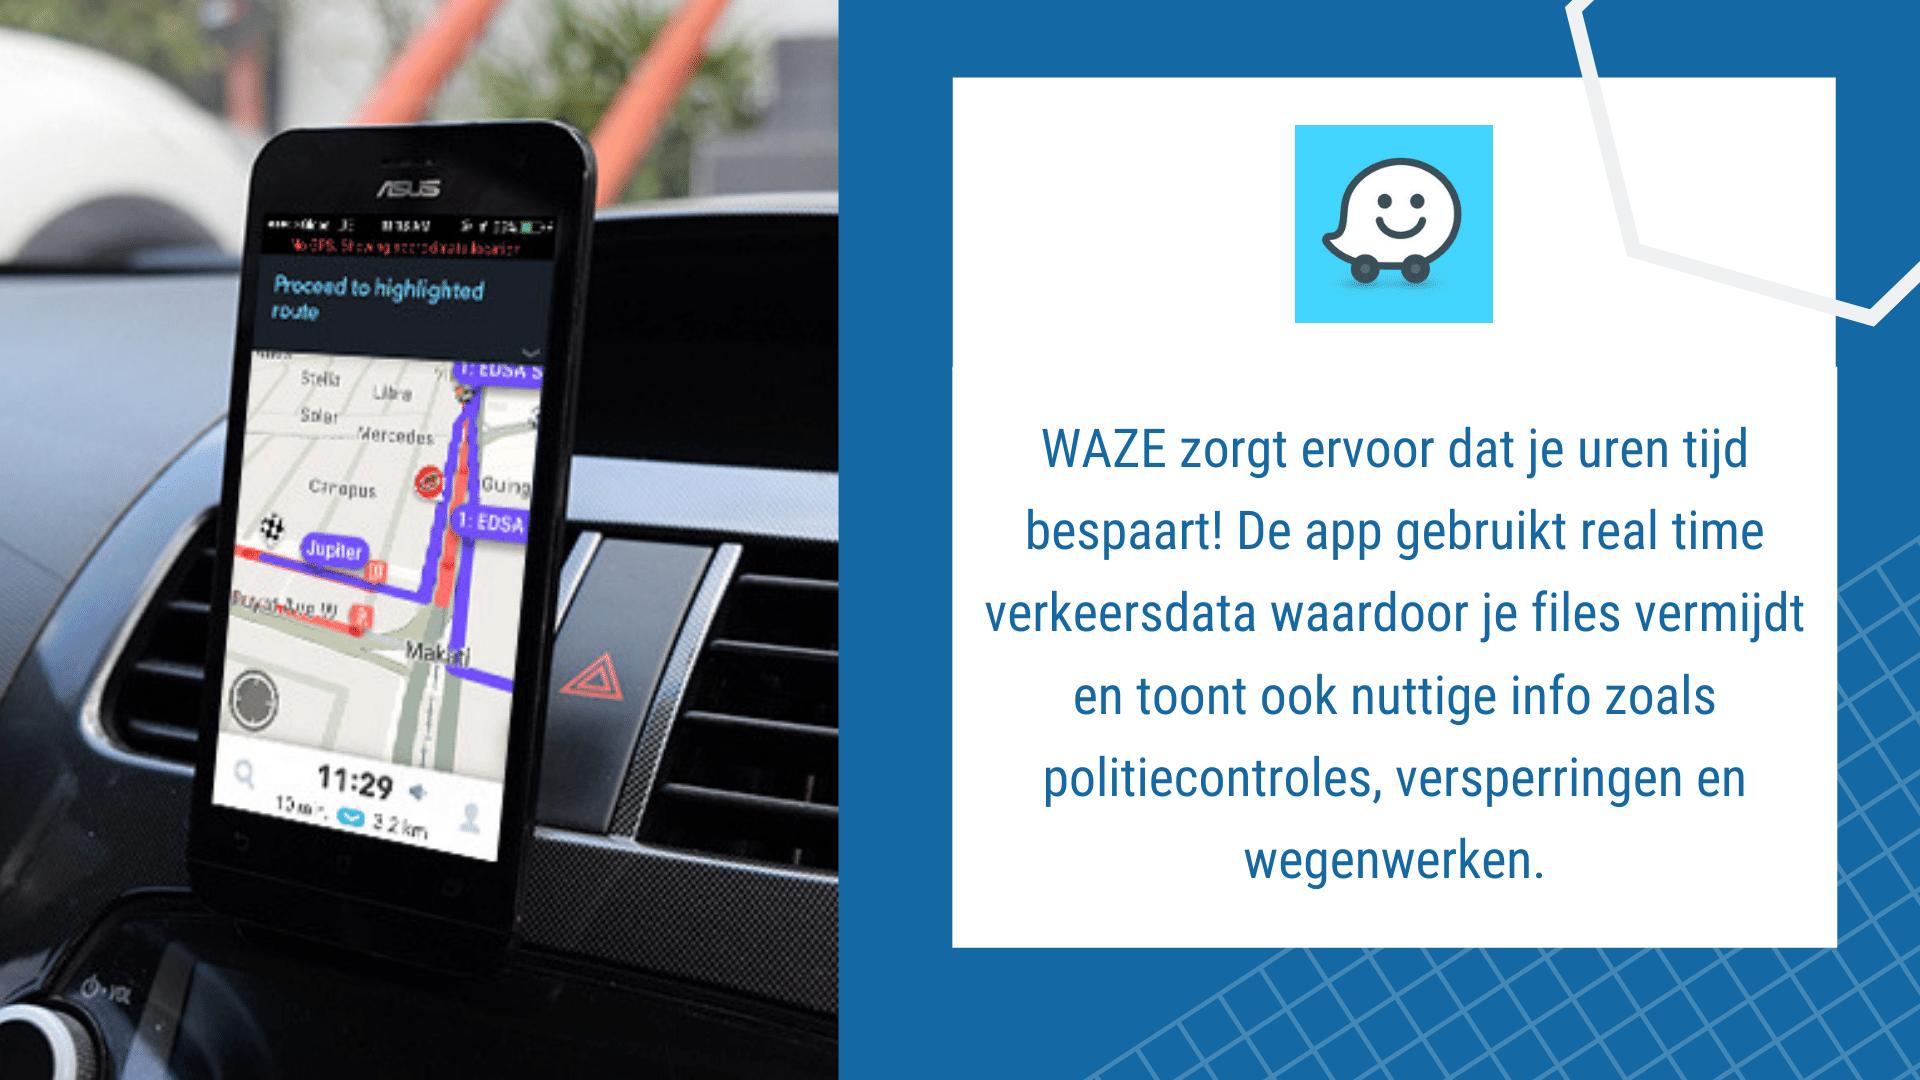 17 Eenvoudige Gratis Apps voor de Bouw - Waze | ArchiSnapper